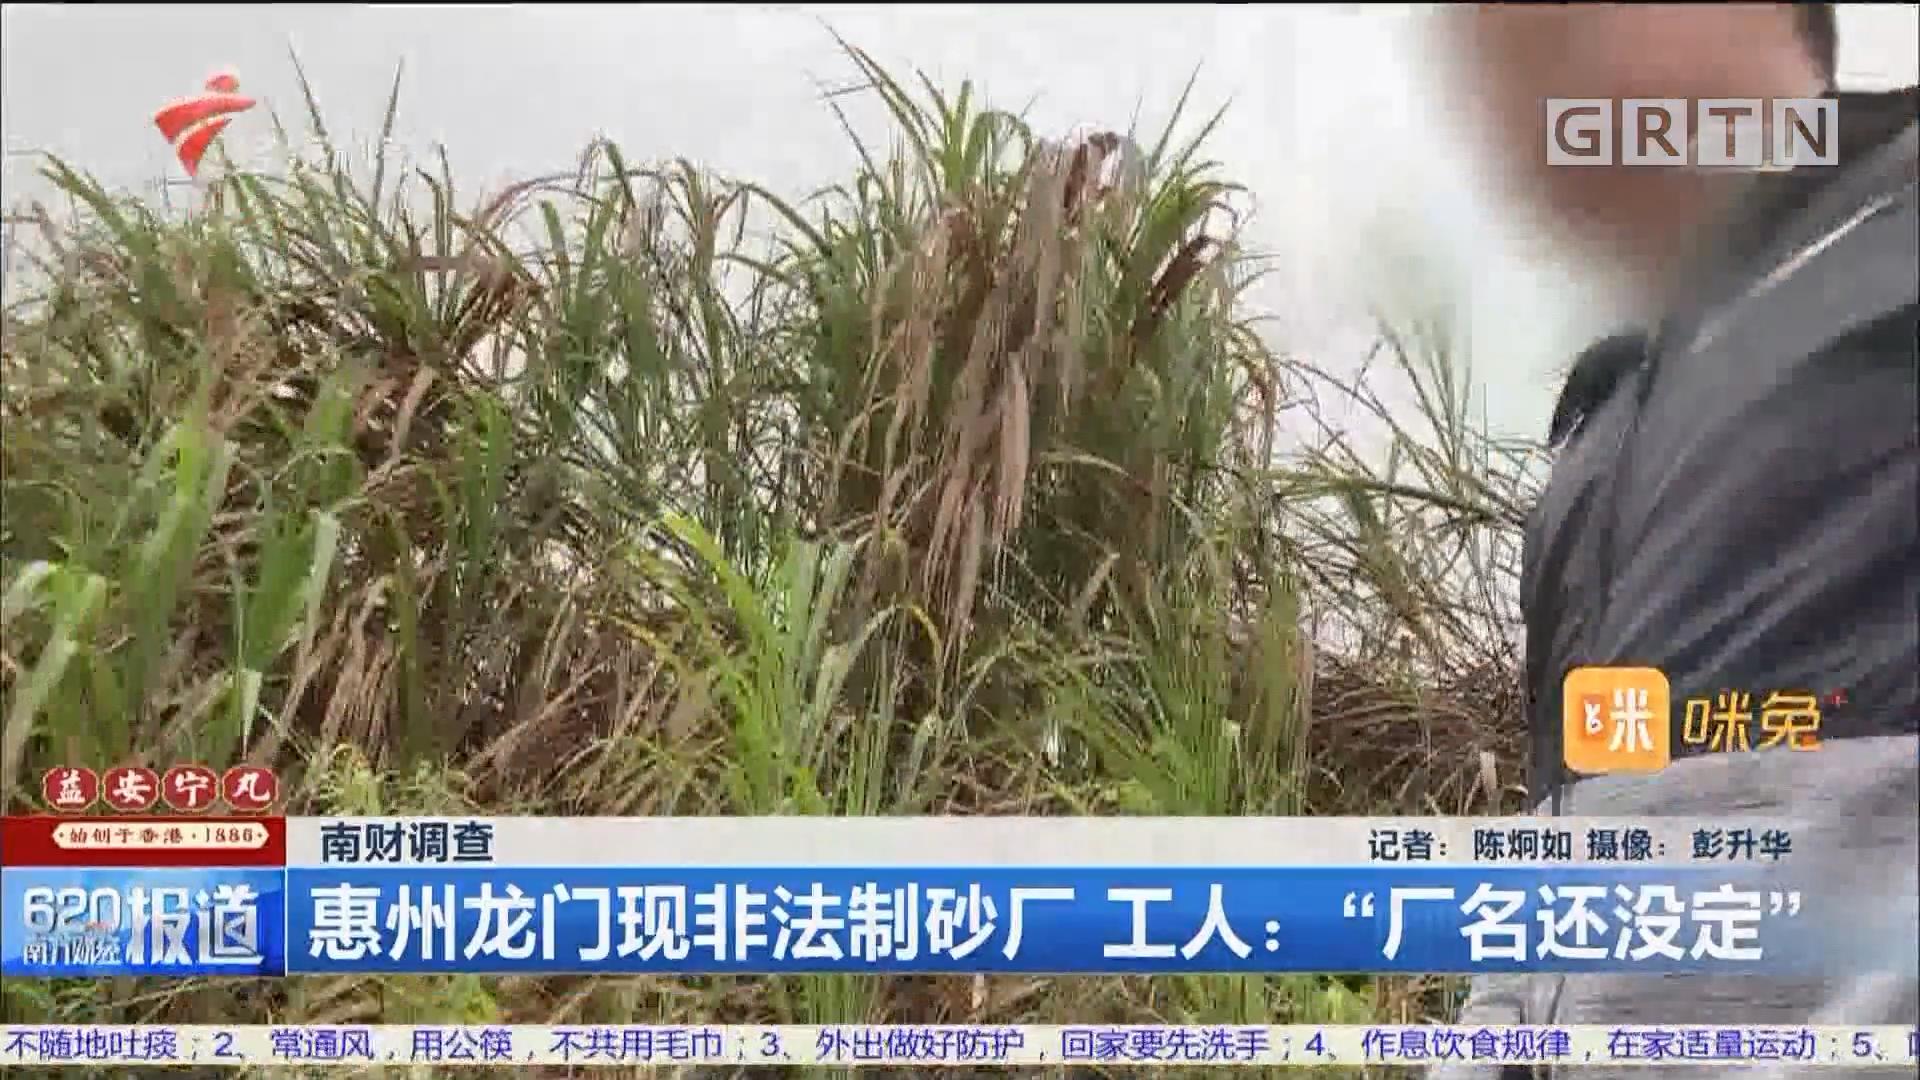 """南财调查 惠州龙门现非法制砂厂 工人:""""厂名还没定"""""""